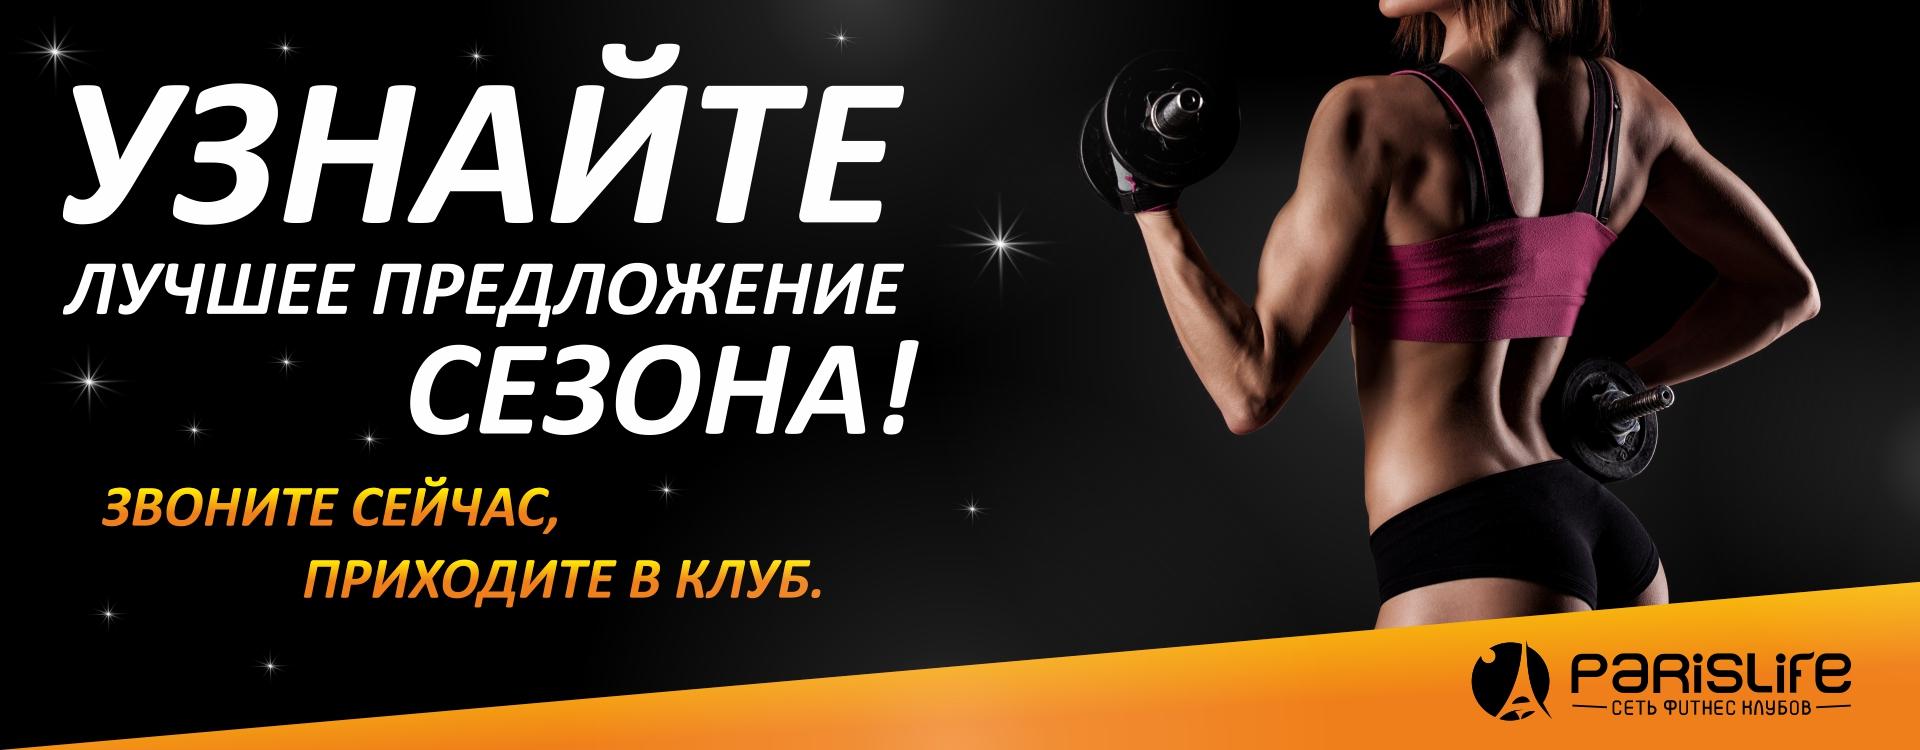 Вакансии в спортивных клубах москвы ночной клуб работает каждый день